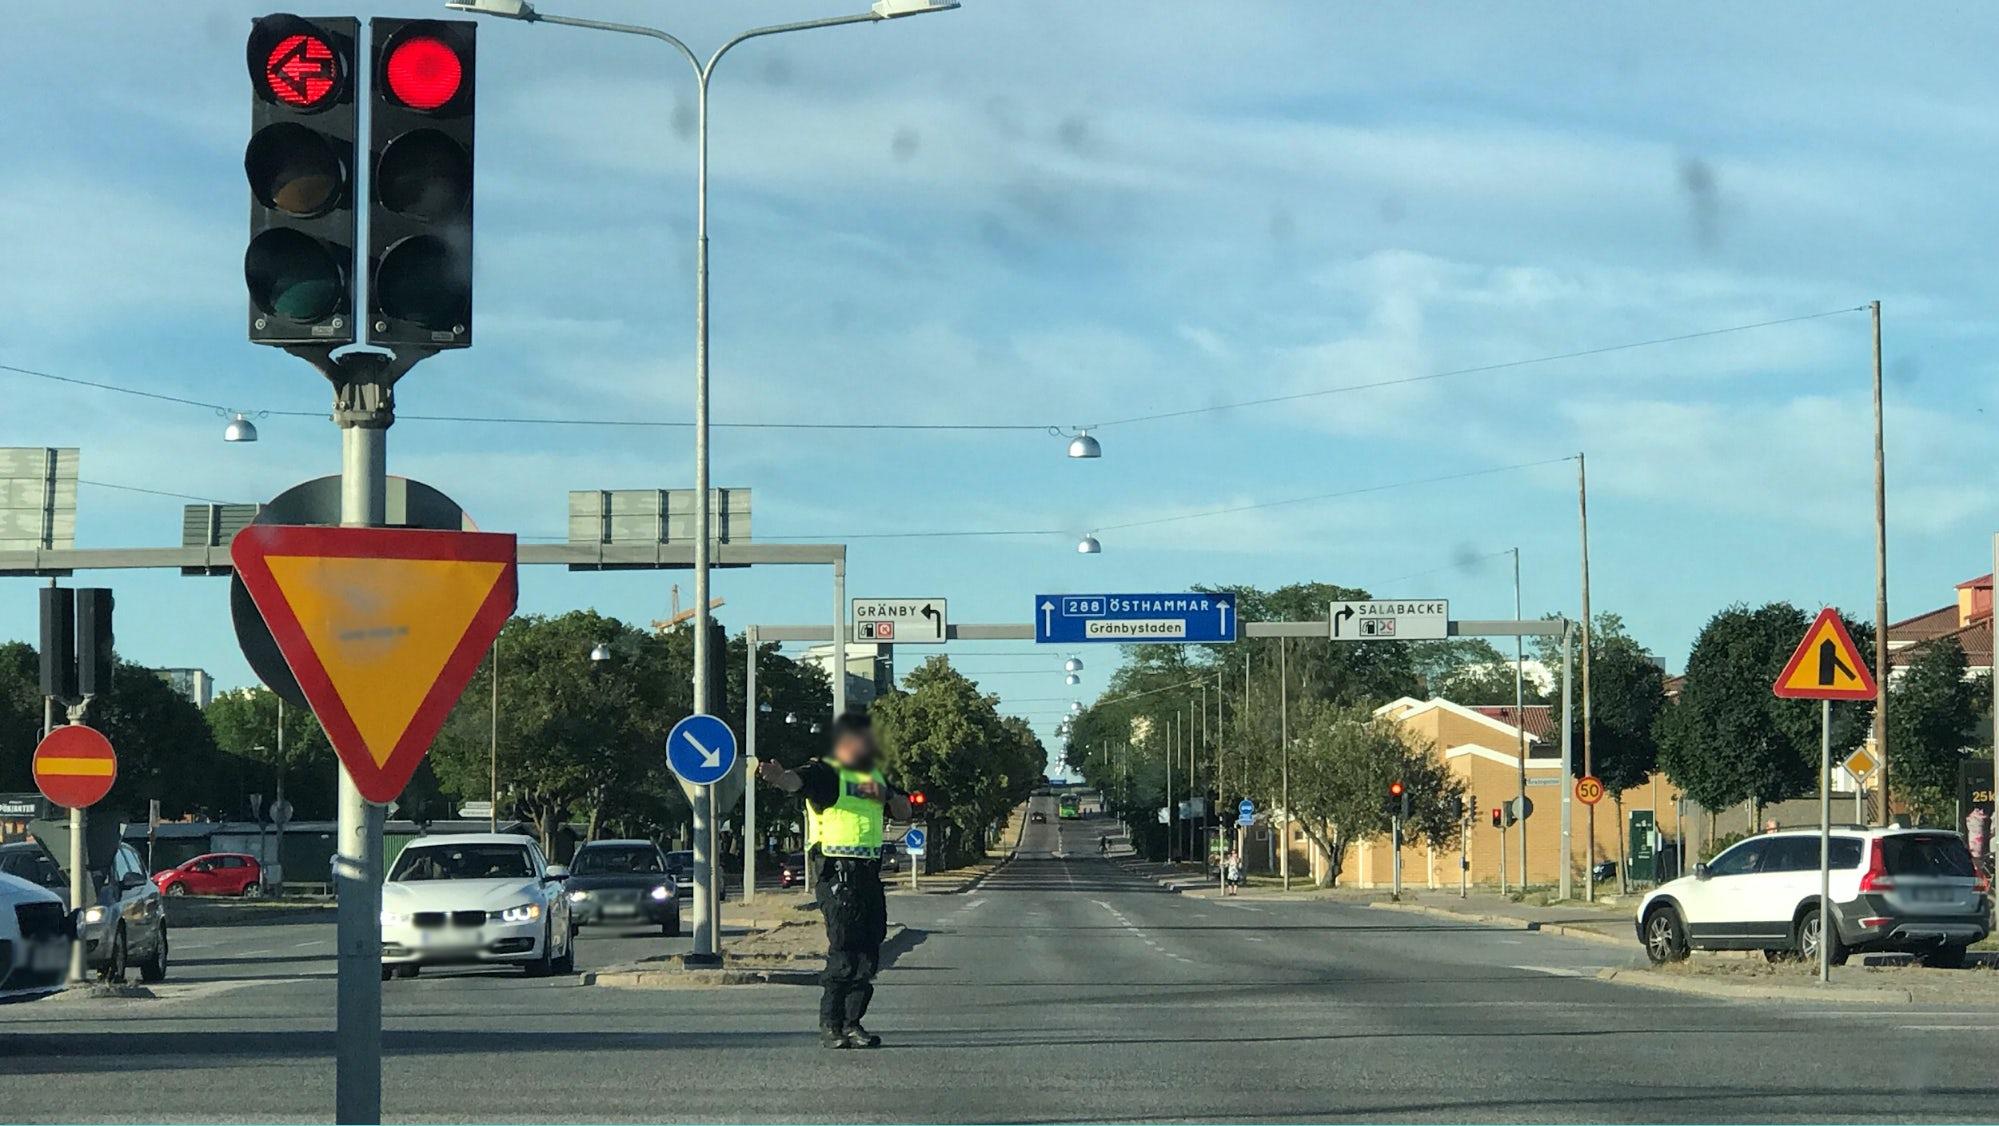 Polis som står och dirigerar trafik i en trafikerad korsning.